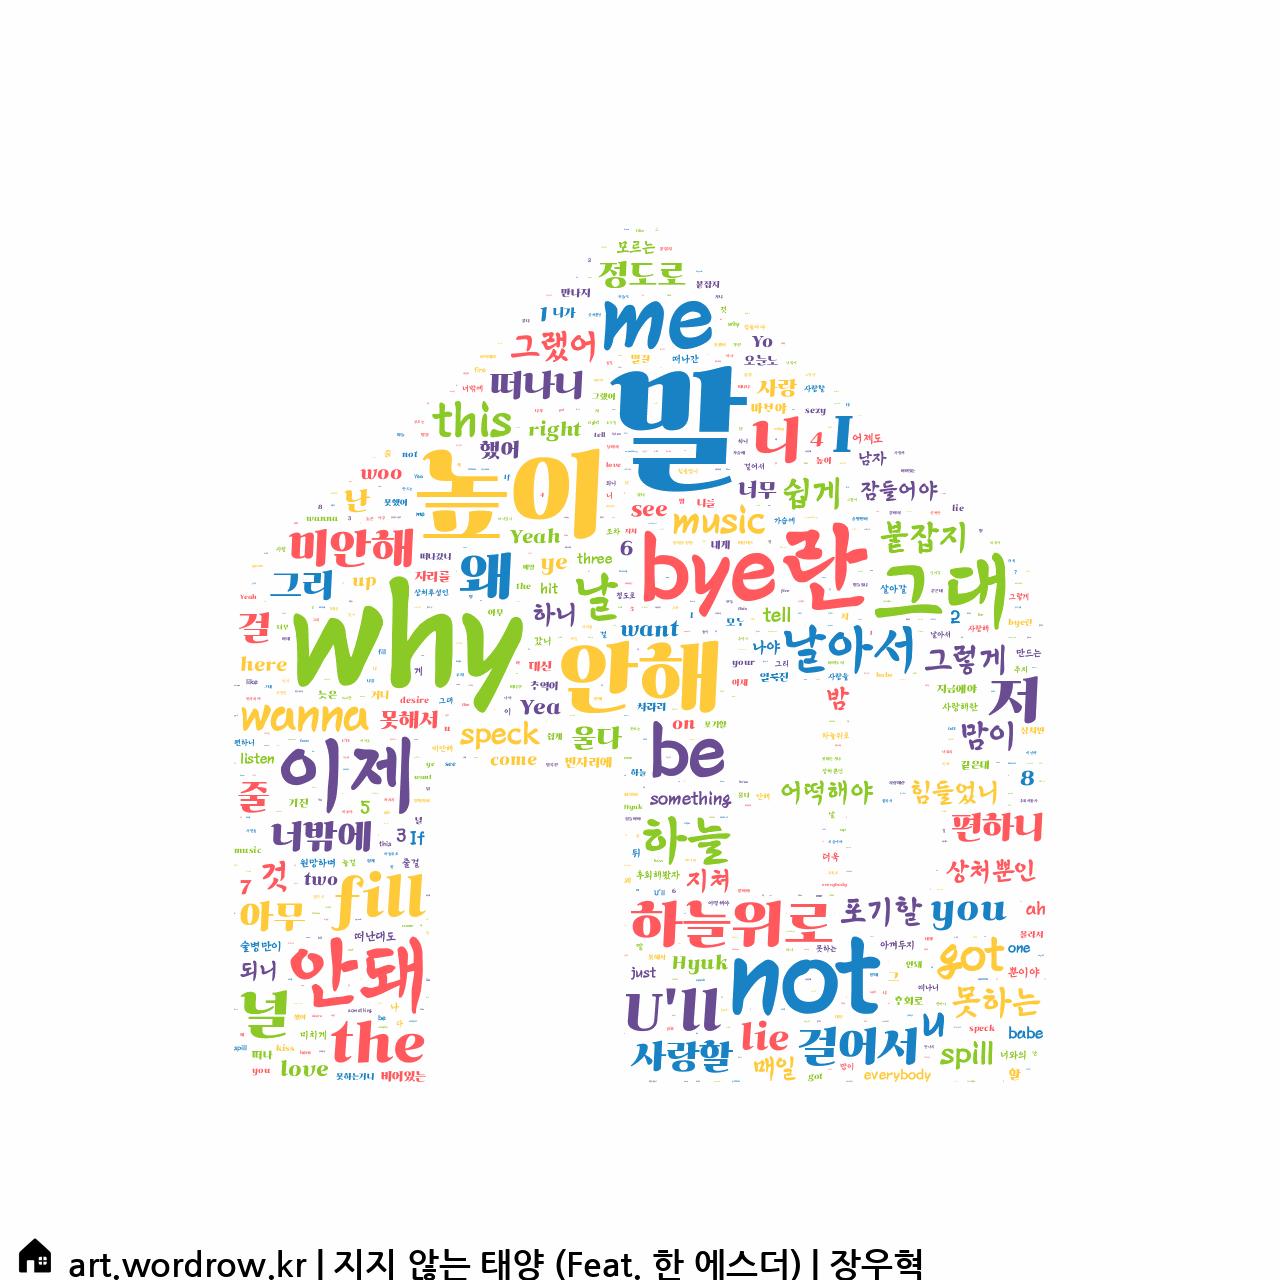 워드 클라우드: 지지 않는 태양 (Feat. 한 에스더) [장우혁]-16